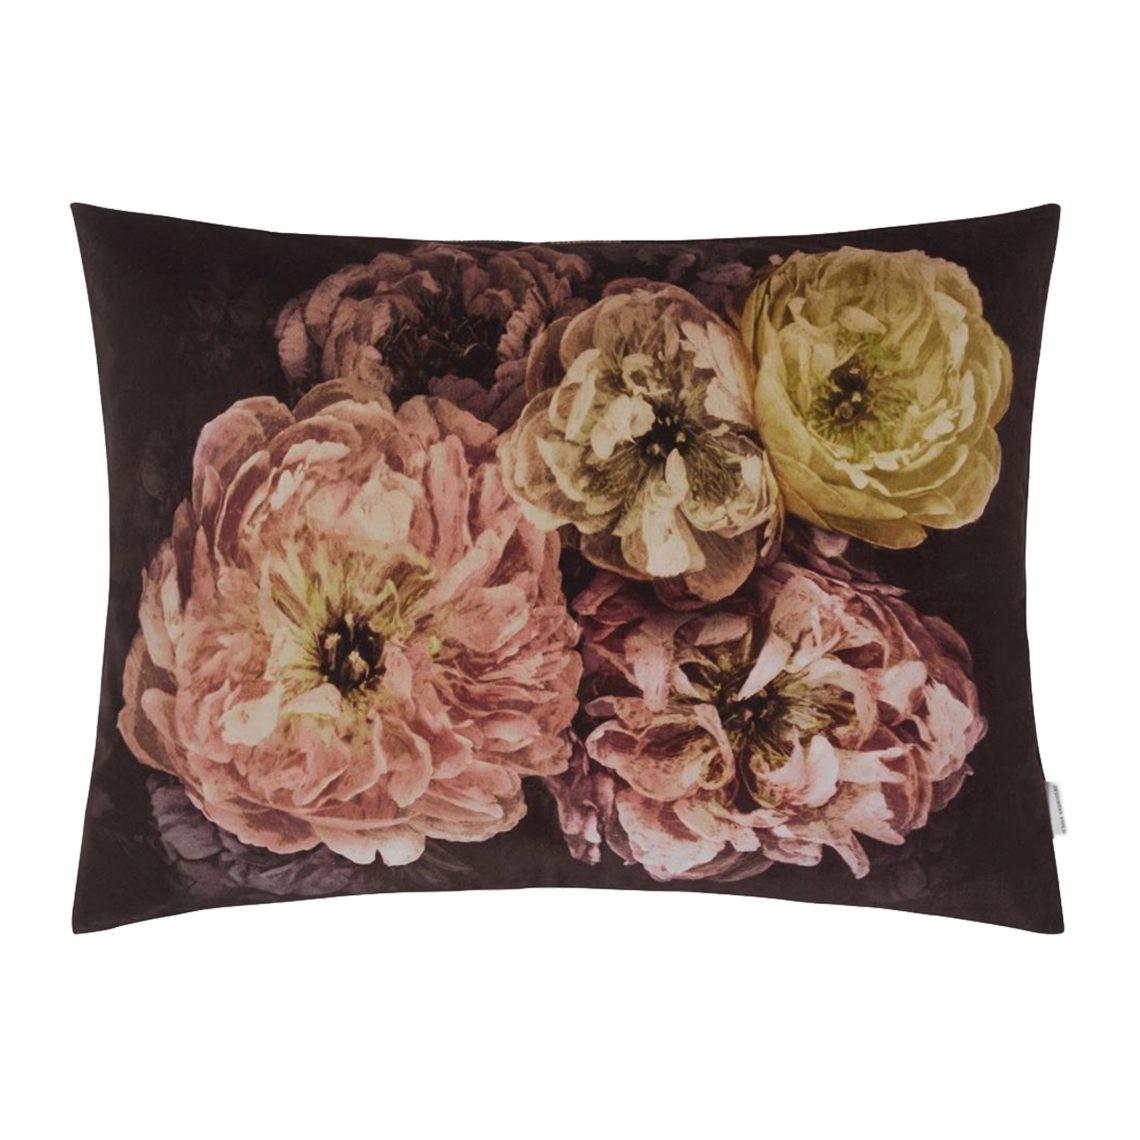 Grootschalige bloemen op een indrukwekkend kussen van Designers Guild